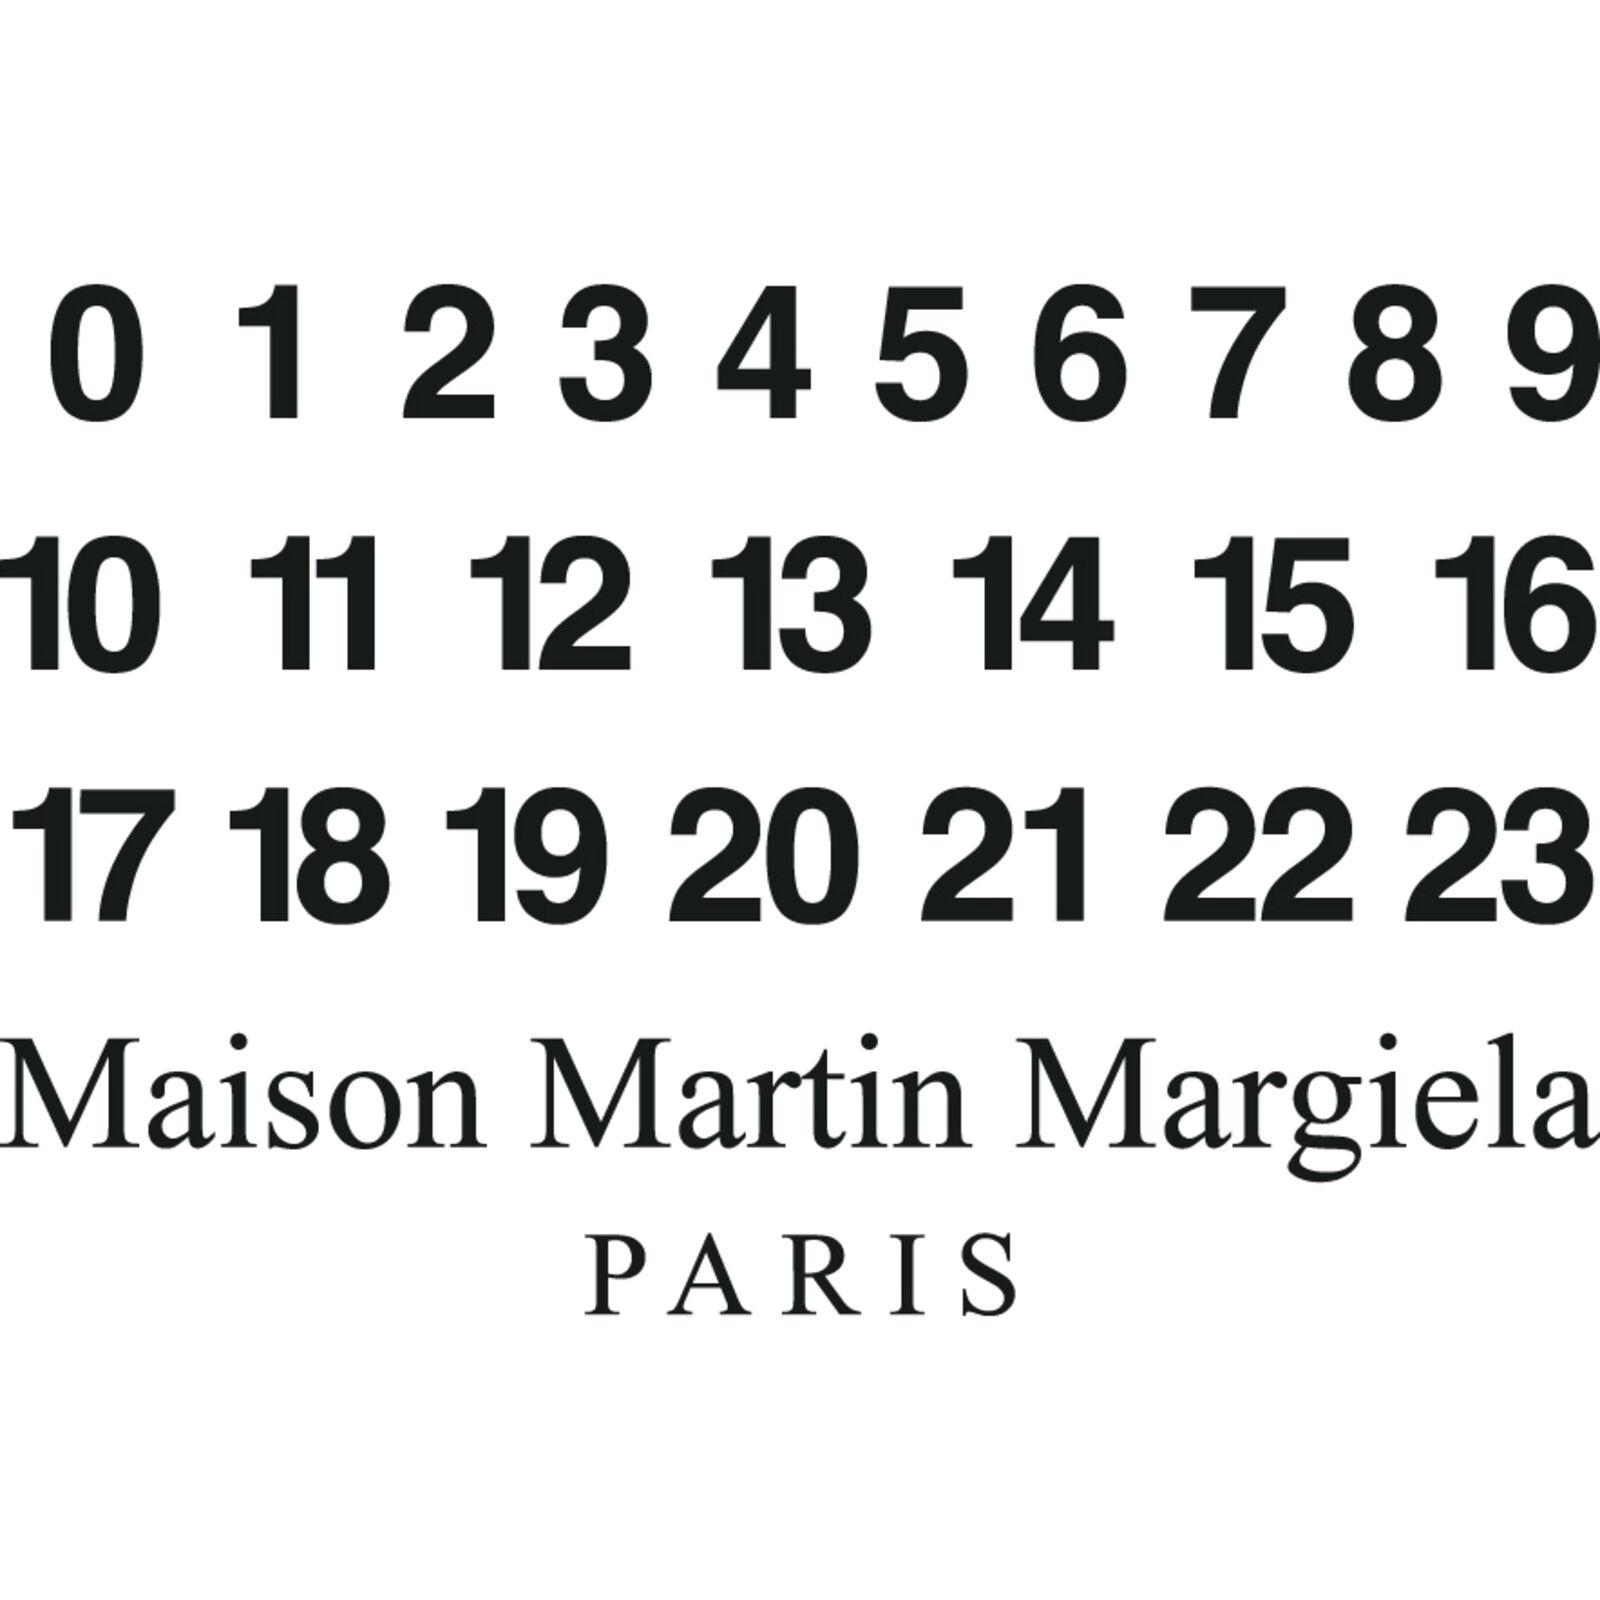 Maison Margiela (Image 1)